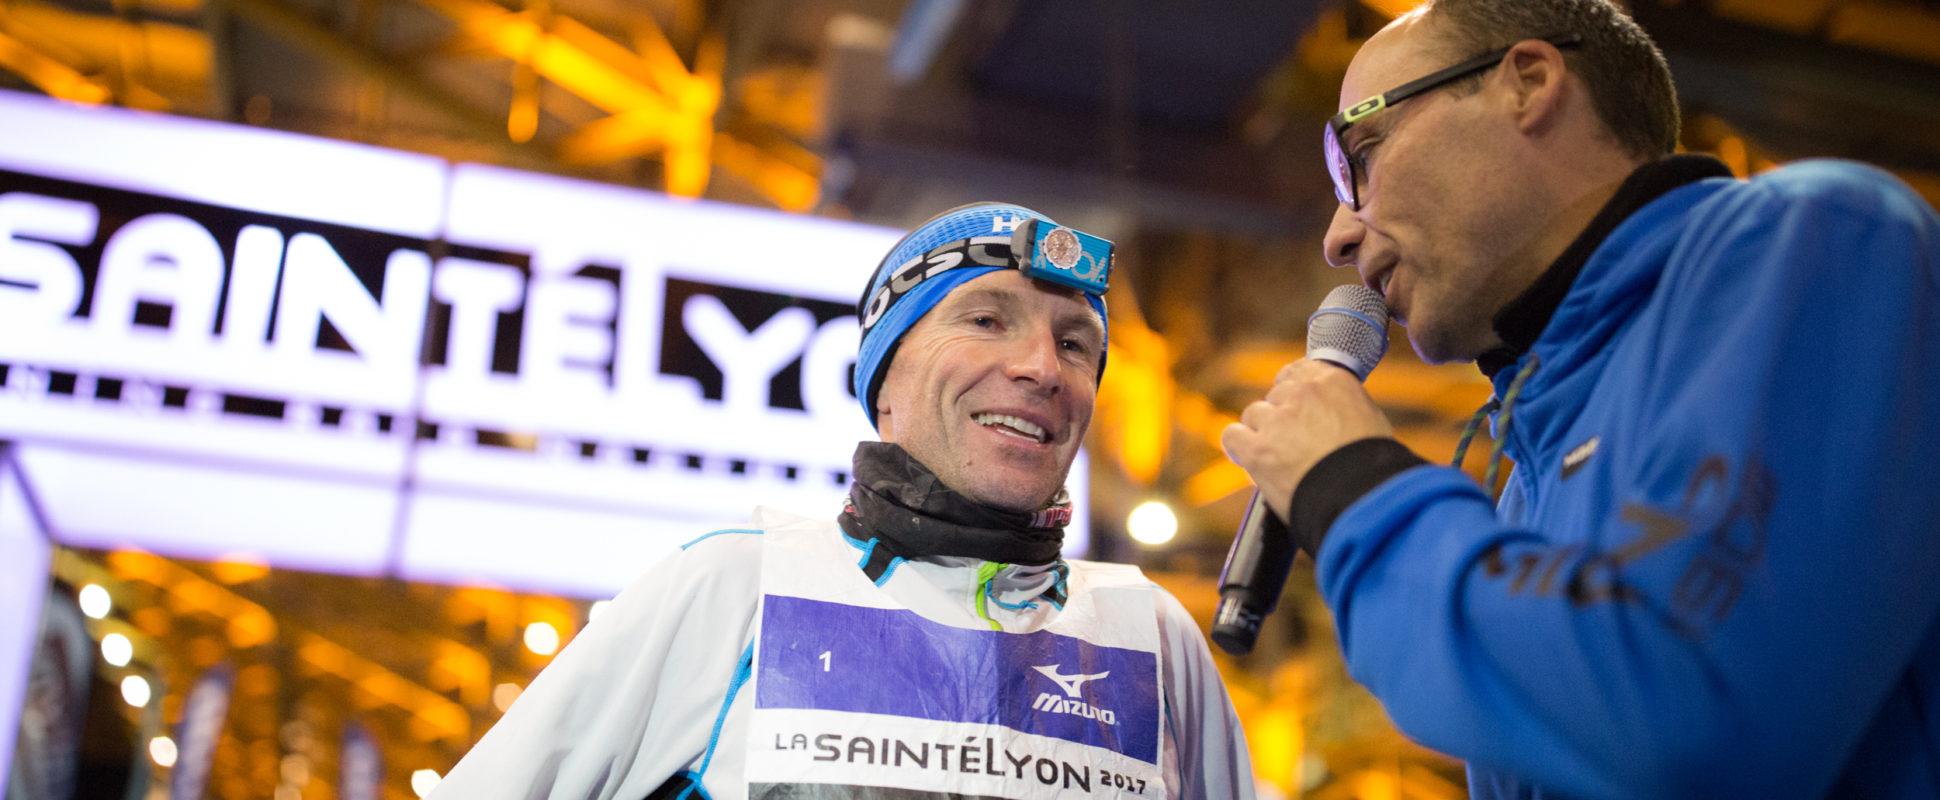 SainteLyon 2017 - Gilles Reboisson-Extra Sports (21)